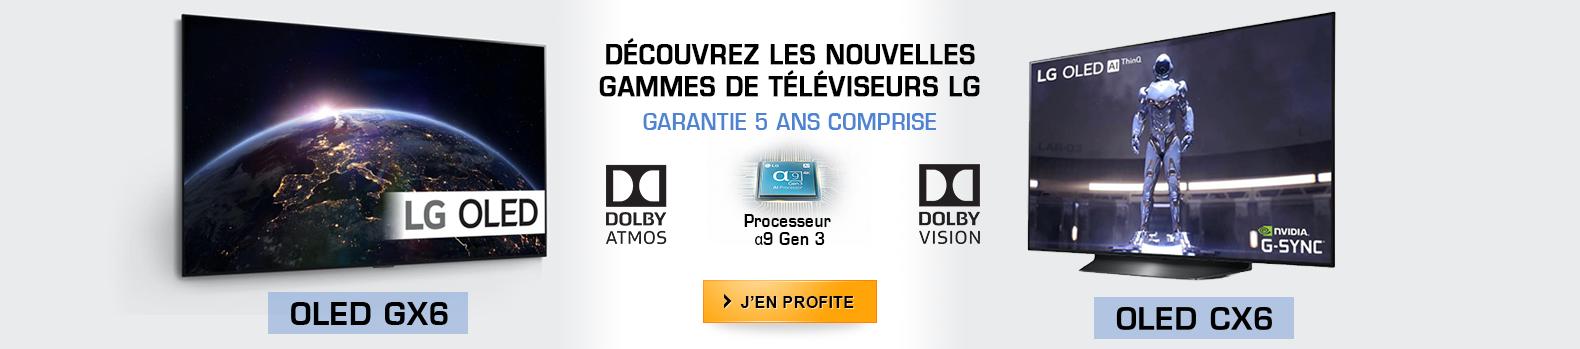 Découvrez les nouvelles gammes de téléviseurs OLED 4K LG